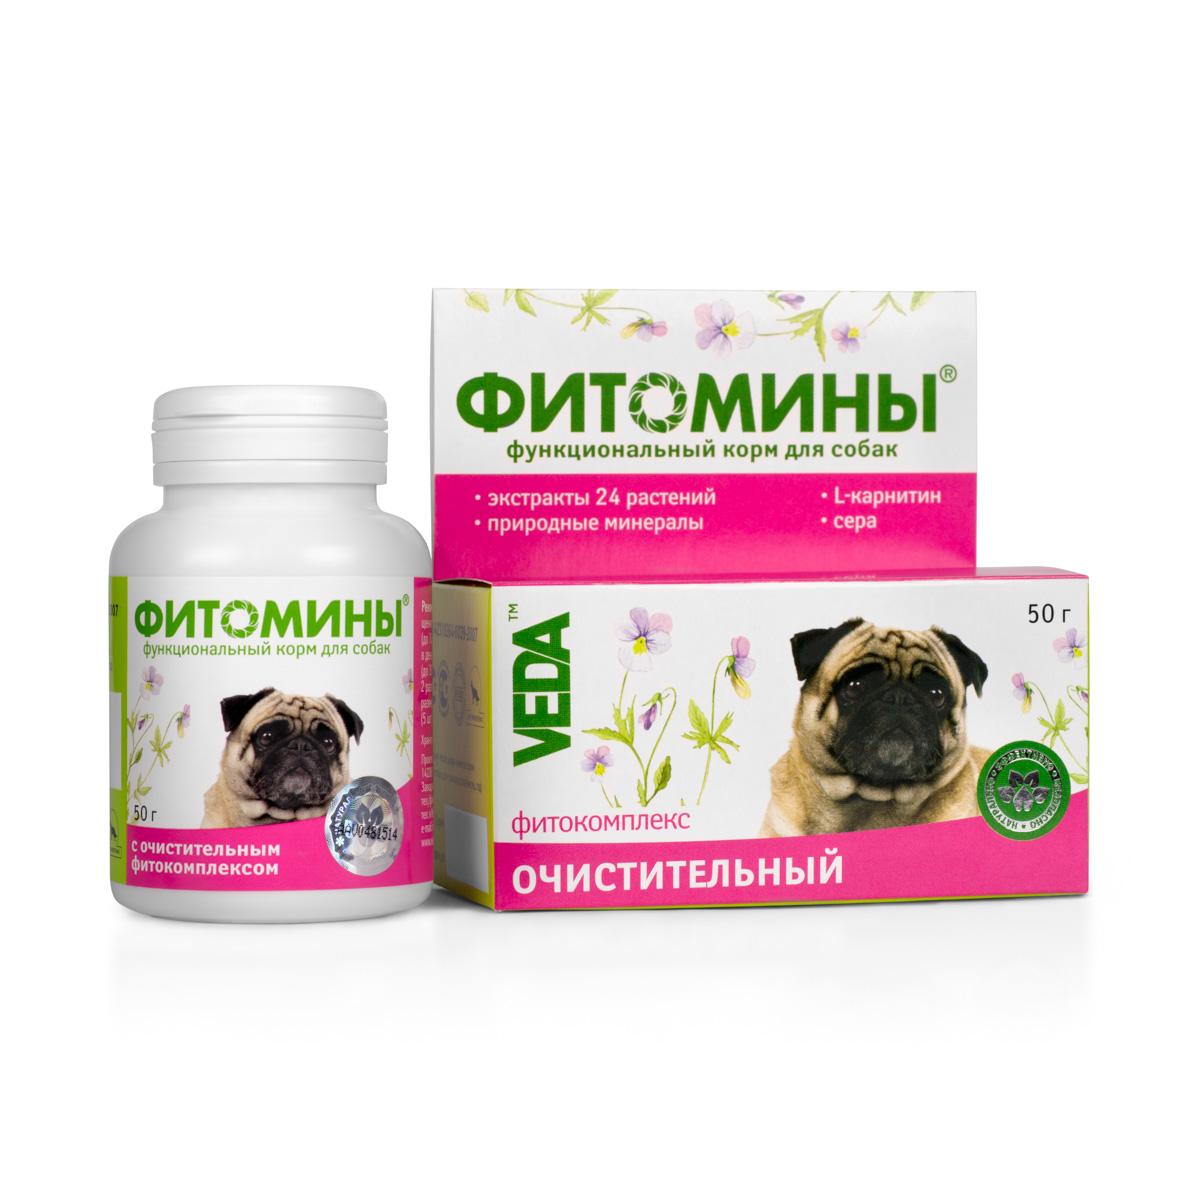 Фитомины функциональный корм для собак с очистительным фитокомплексом, 50 г4605543005978Для животных с проблемами желудочно-кишечного тракта. Активизирует пищеварение и стимулирует общий обмен веществ организма. Обладает желчегонным действием, умеренно стимулирует моторику кишечника, уменьшает содержание билирубина и холестерина в крови.